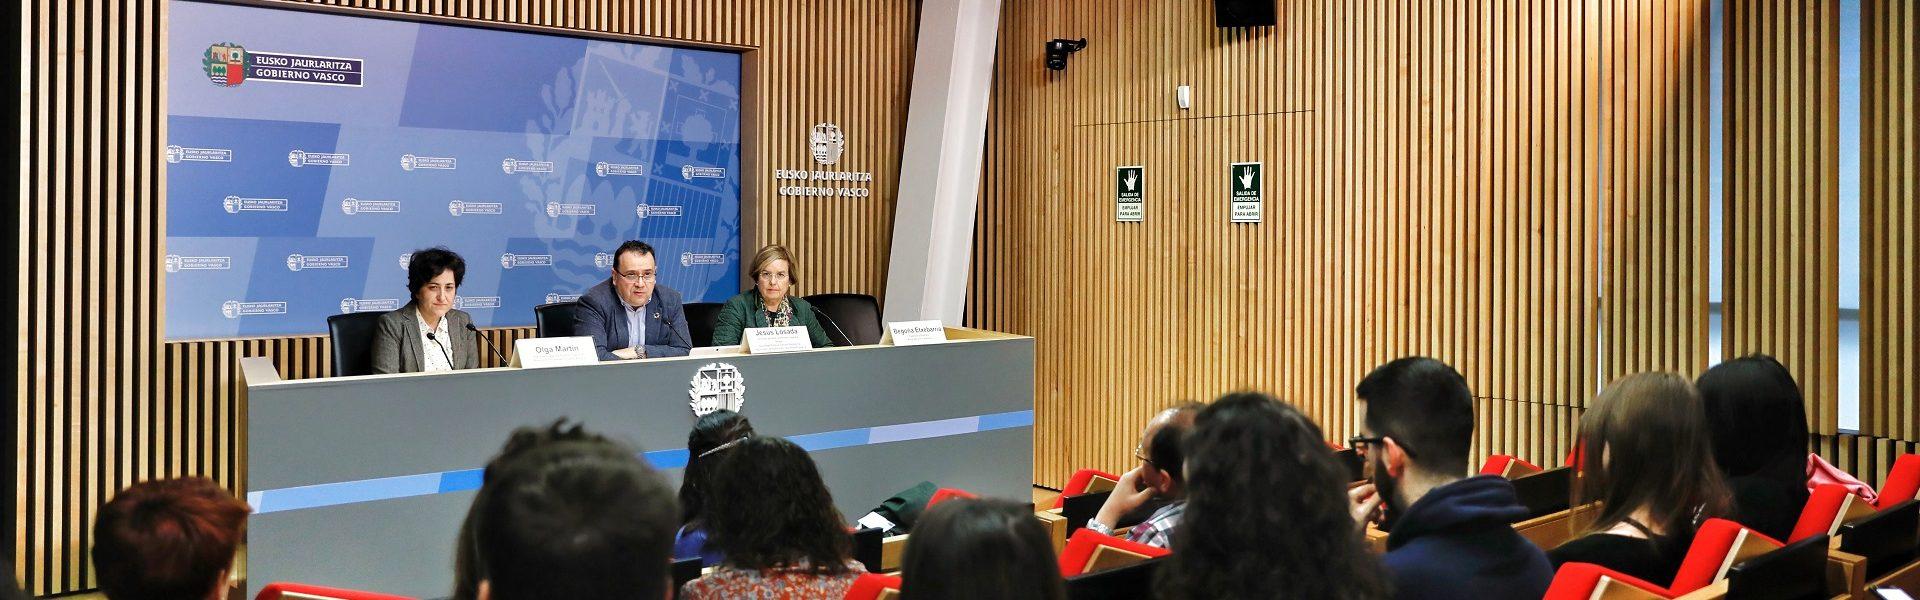 (Castellano) Ihobe, Aclima y NSF ponen en marcha un programa de prácticas para fomentar el empleo juvenil en el sector ambiental